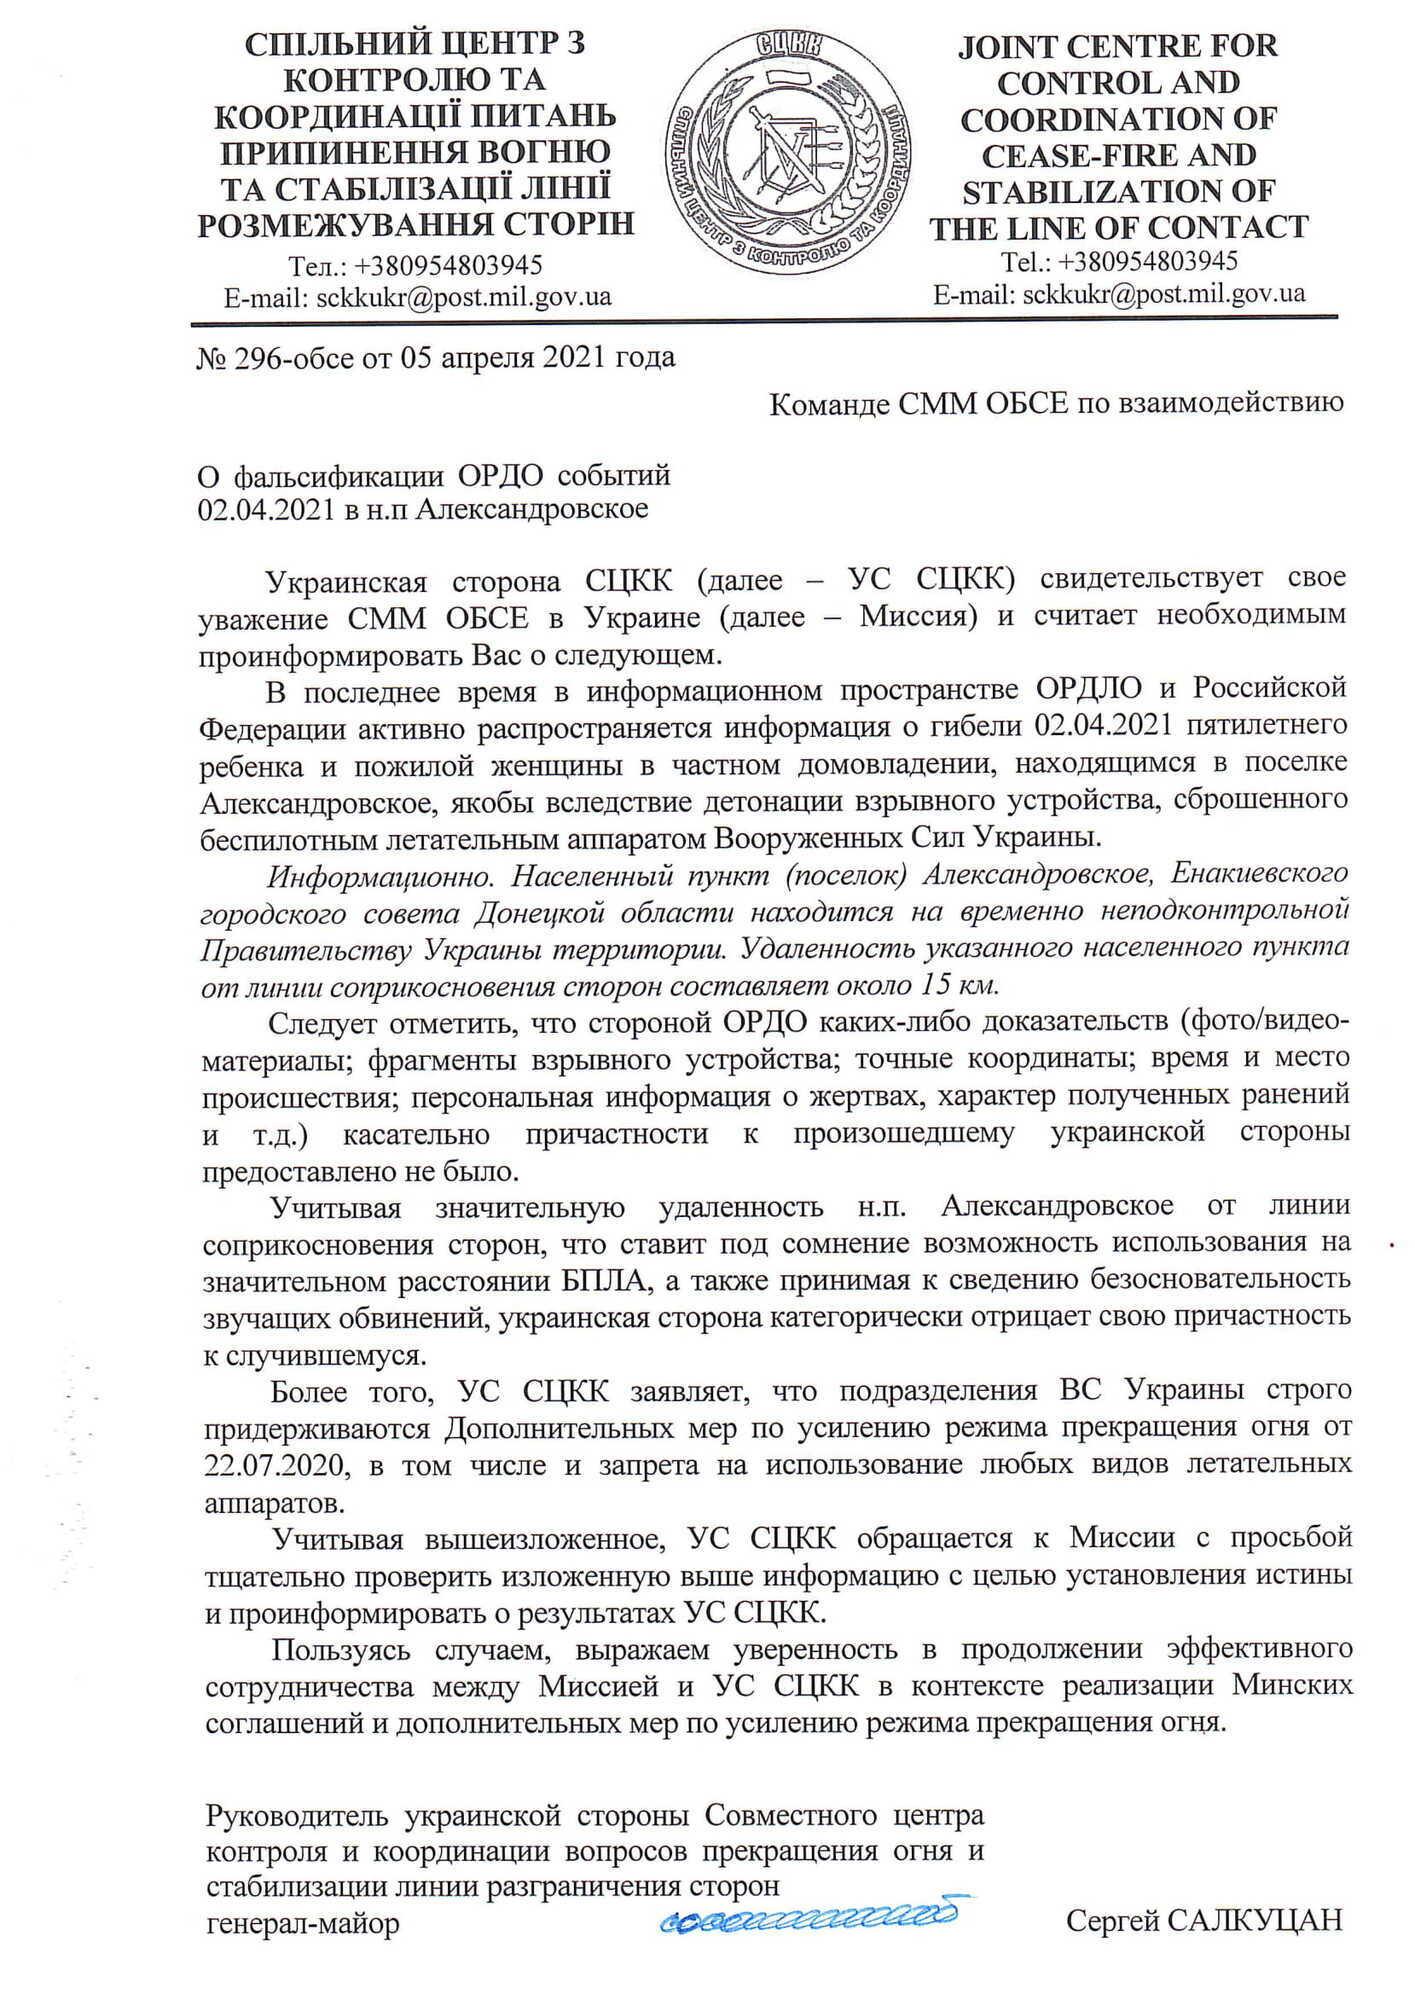 Звернення української сторони СЦКК до СММ ОБСЄ